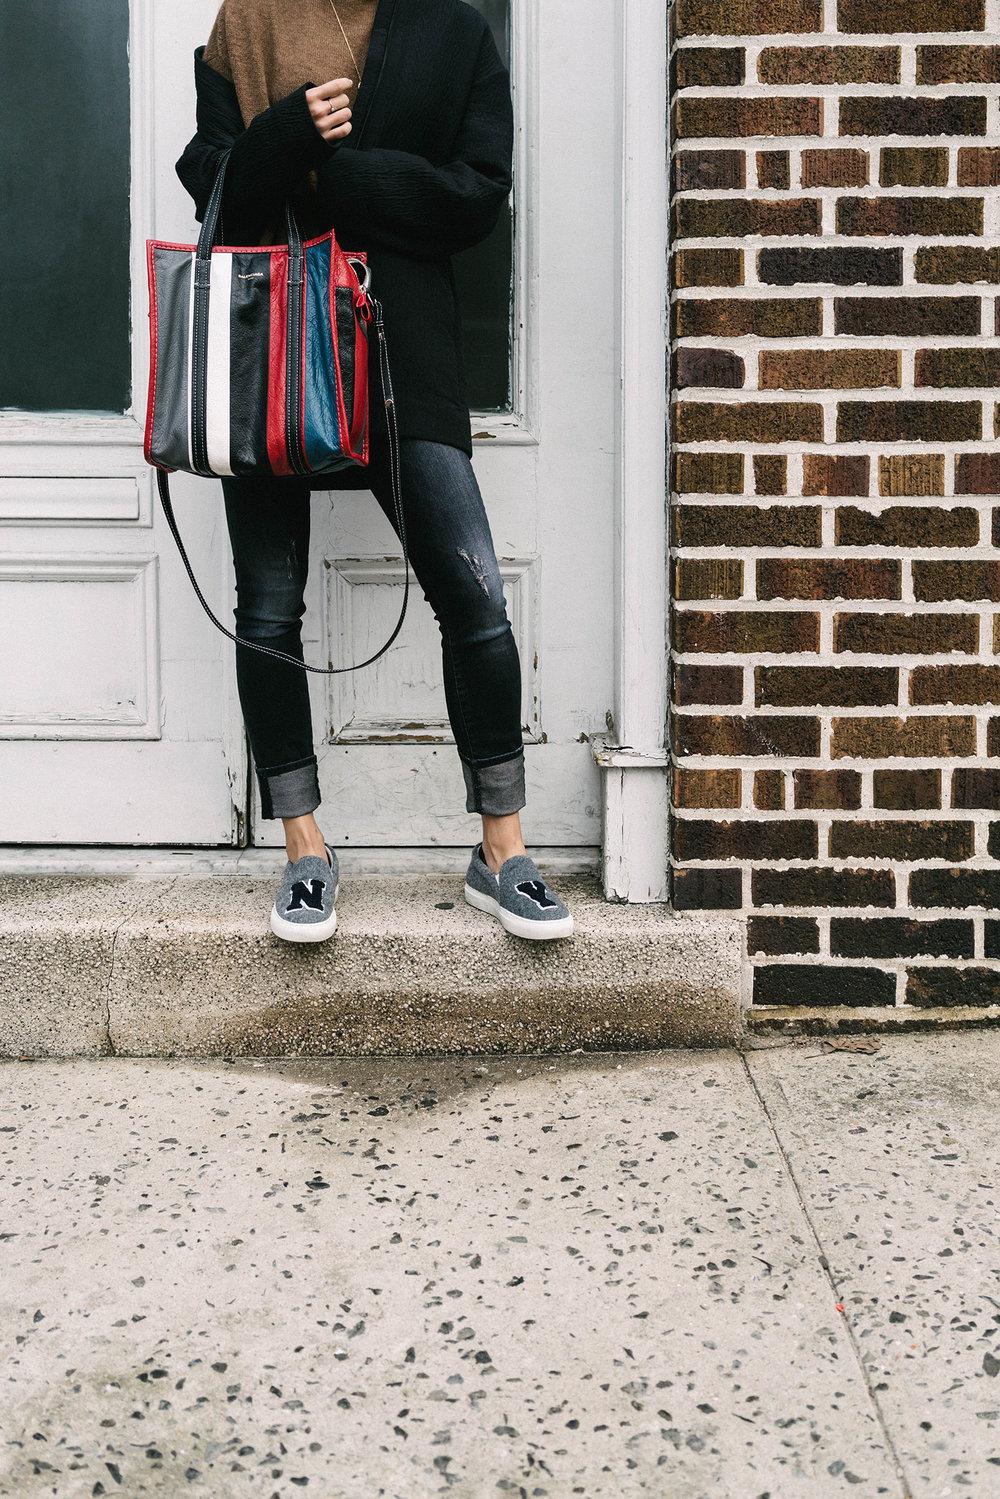 COS Jacket, Pas de Calais Sweater,  R13 Denim ,  Balenciaga Bag ,  Joshua Saunders Shoes